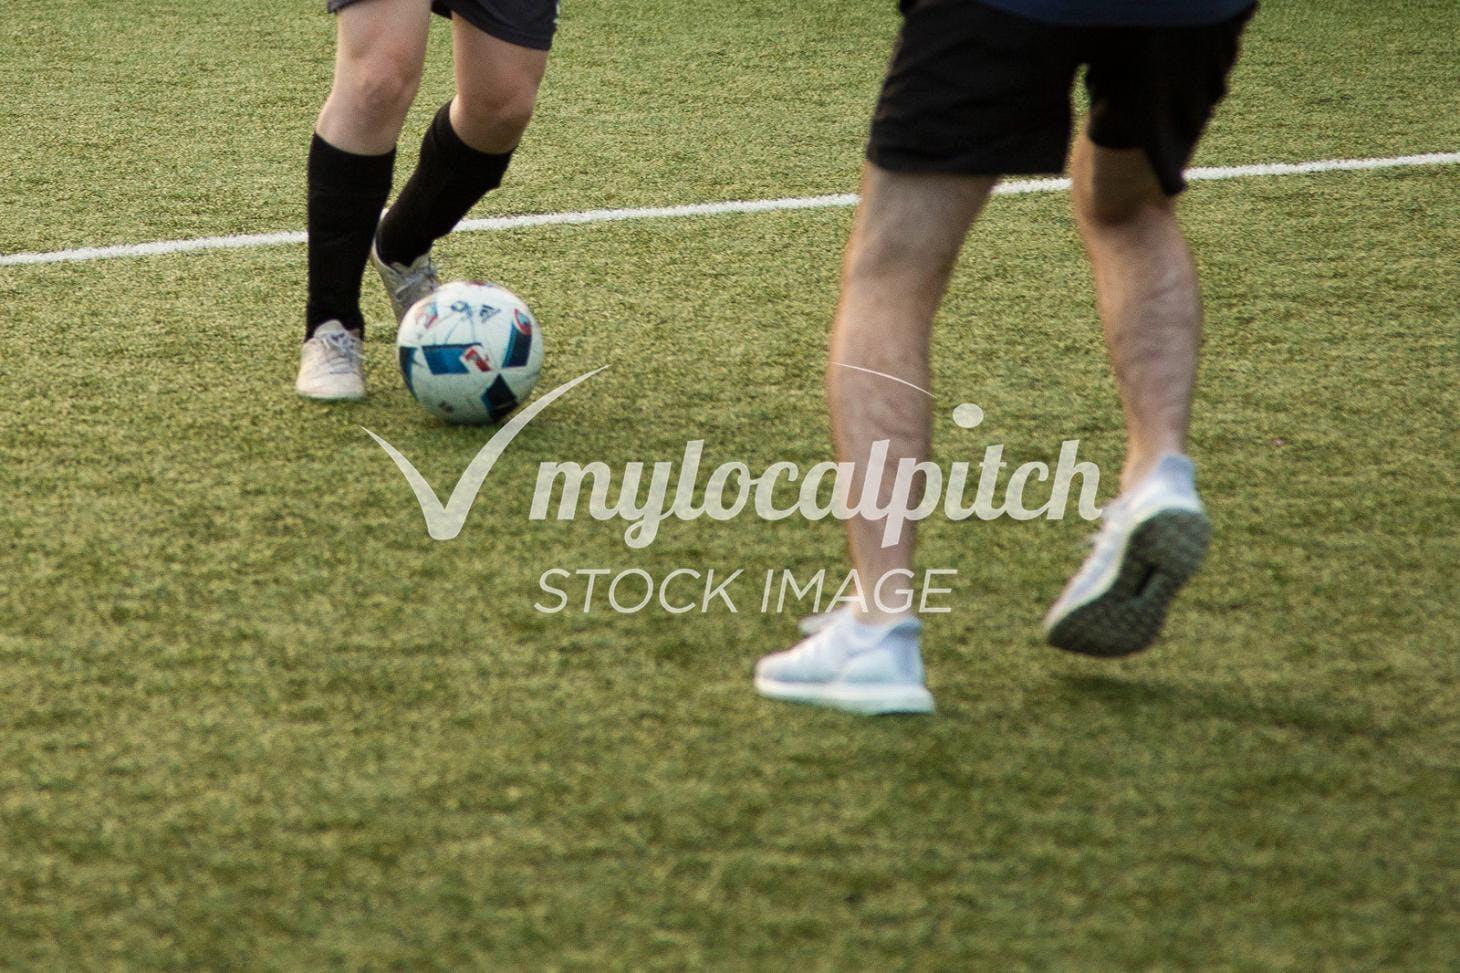 Cumberland School 11 a side | Grass football pitch